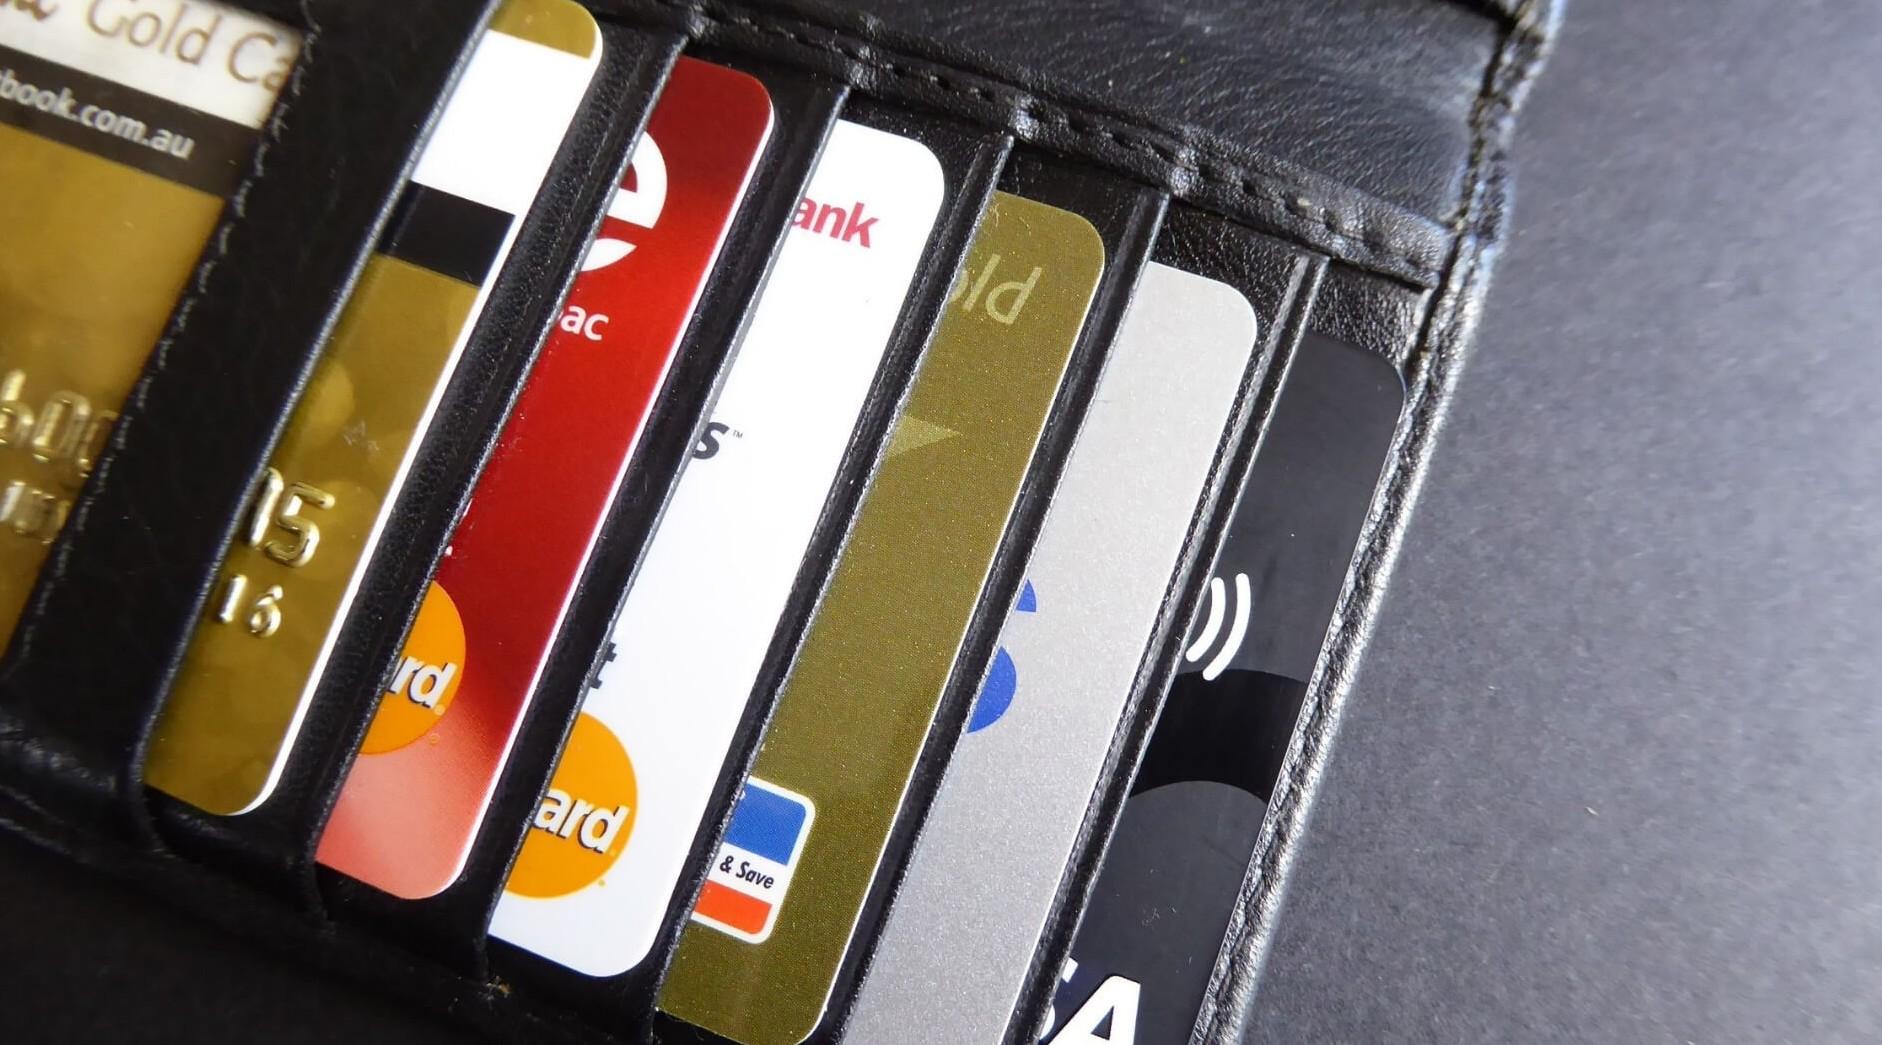 Carta di credito all'estero, commissioni